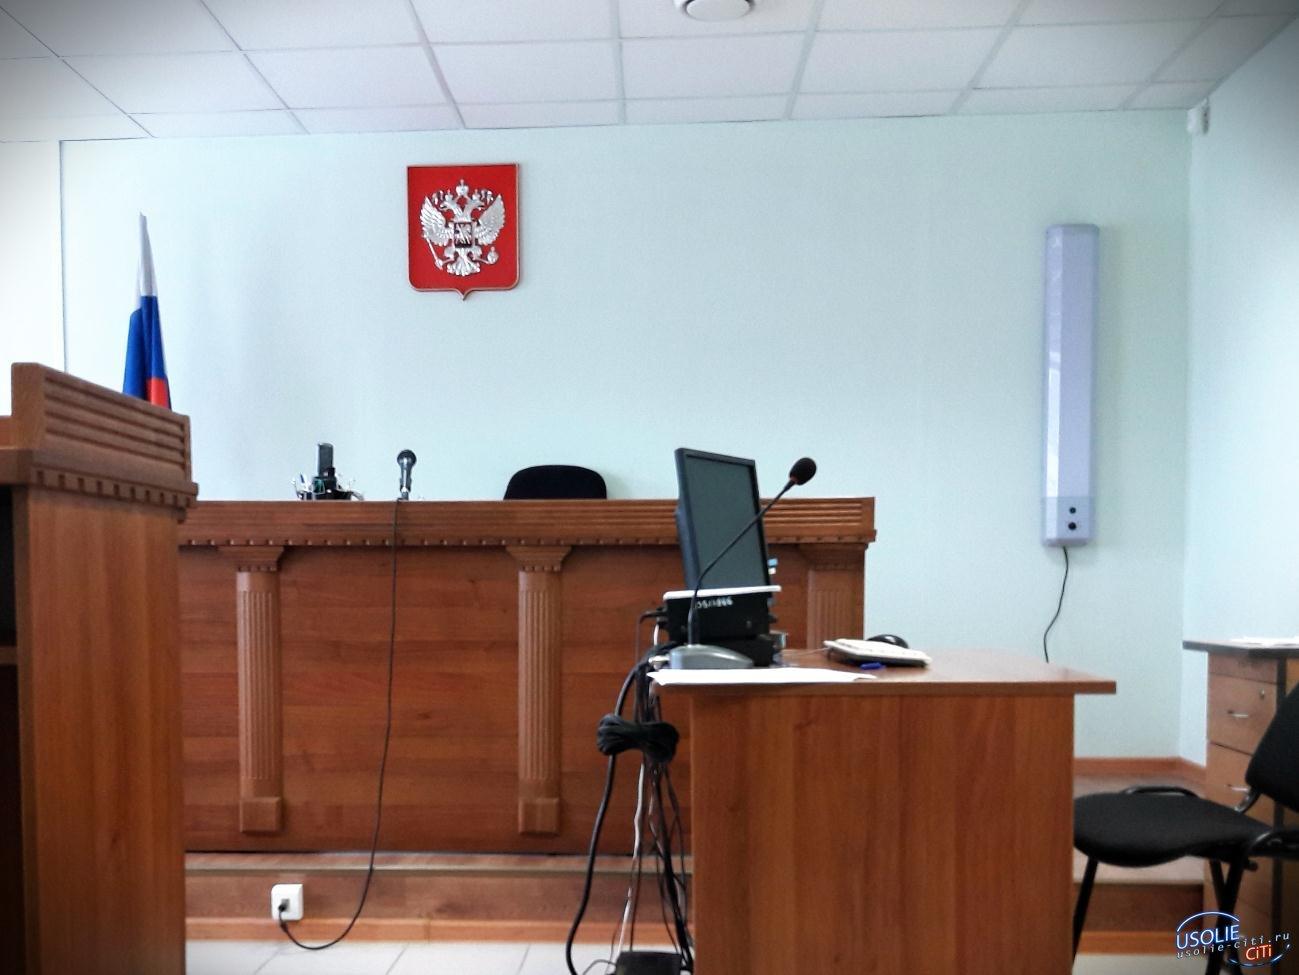 Военный через суд выселил бывшую супругу из служебной квартиры в Усолье